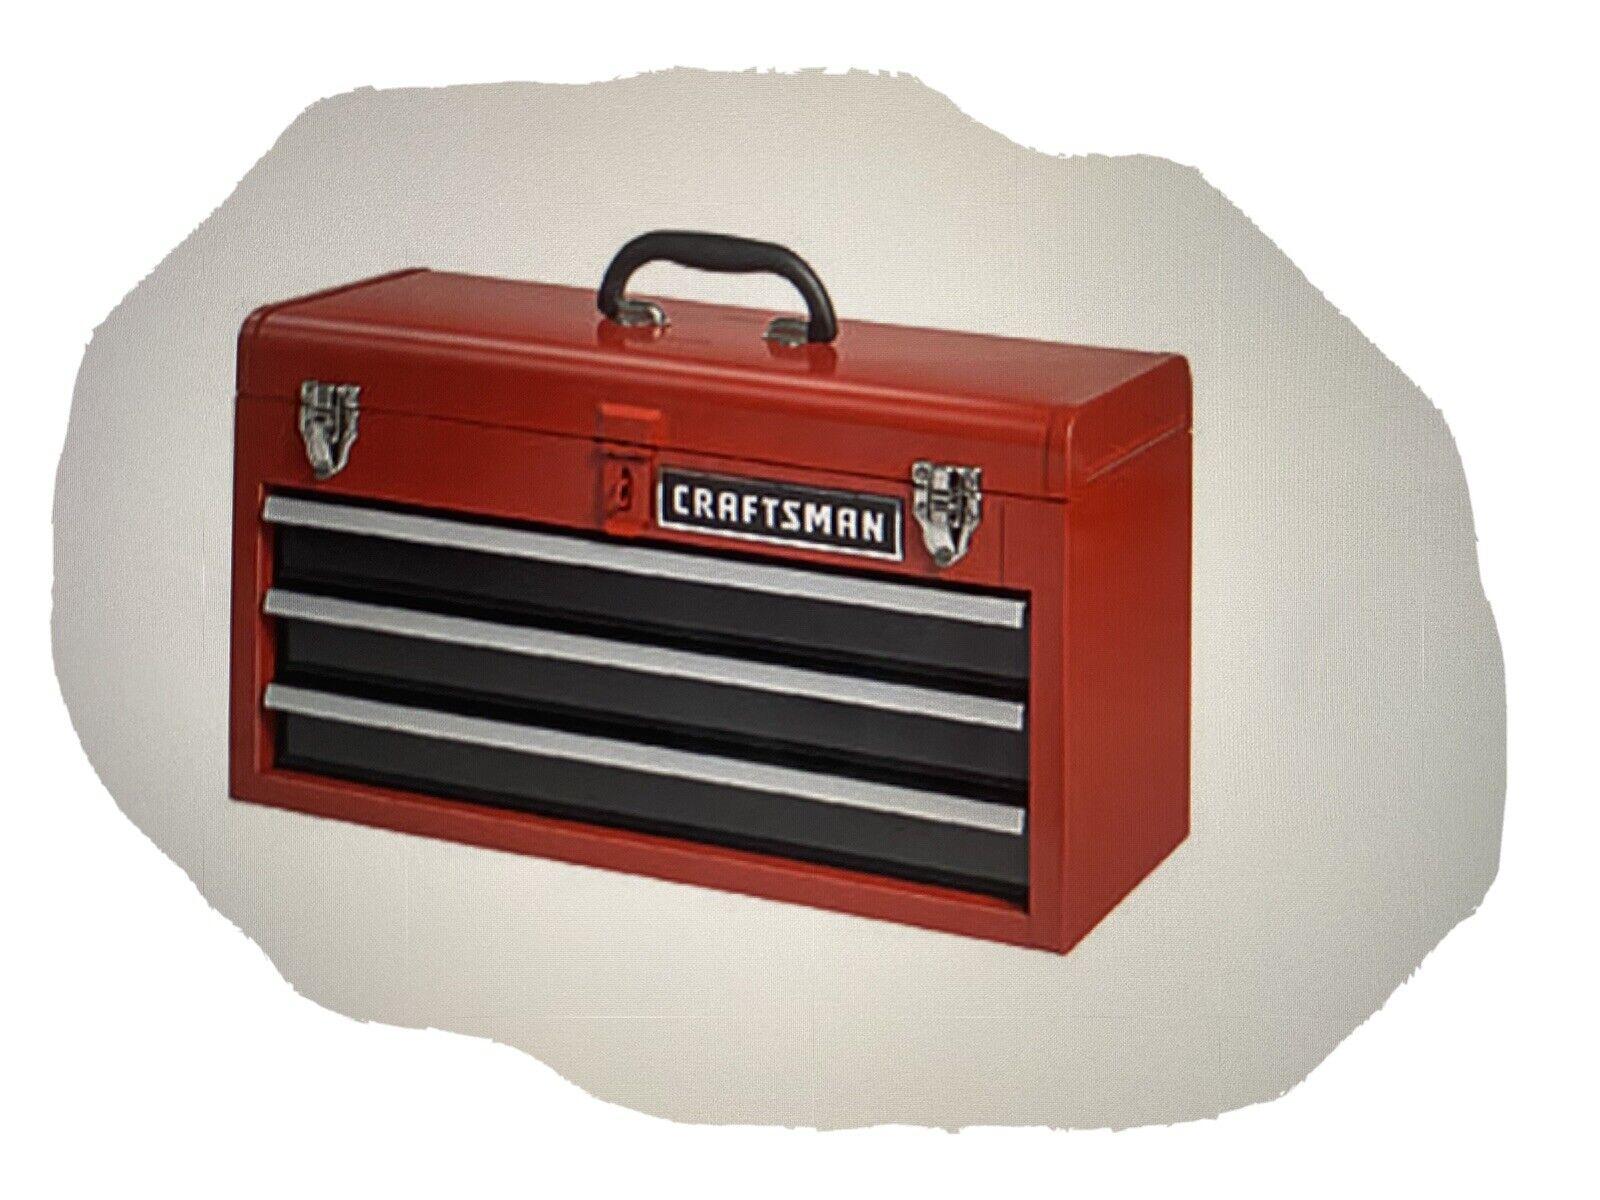 Craftsman Harley Davidson 3 Drawer Portable Tool Chest For Sale Online Ebay